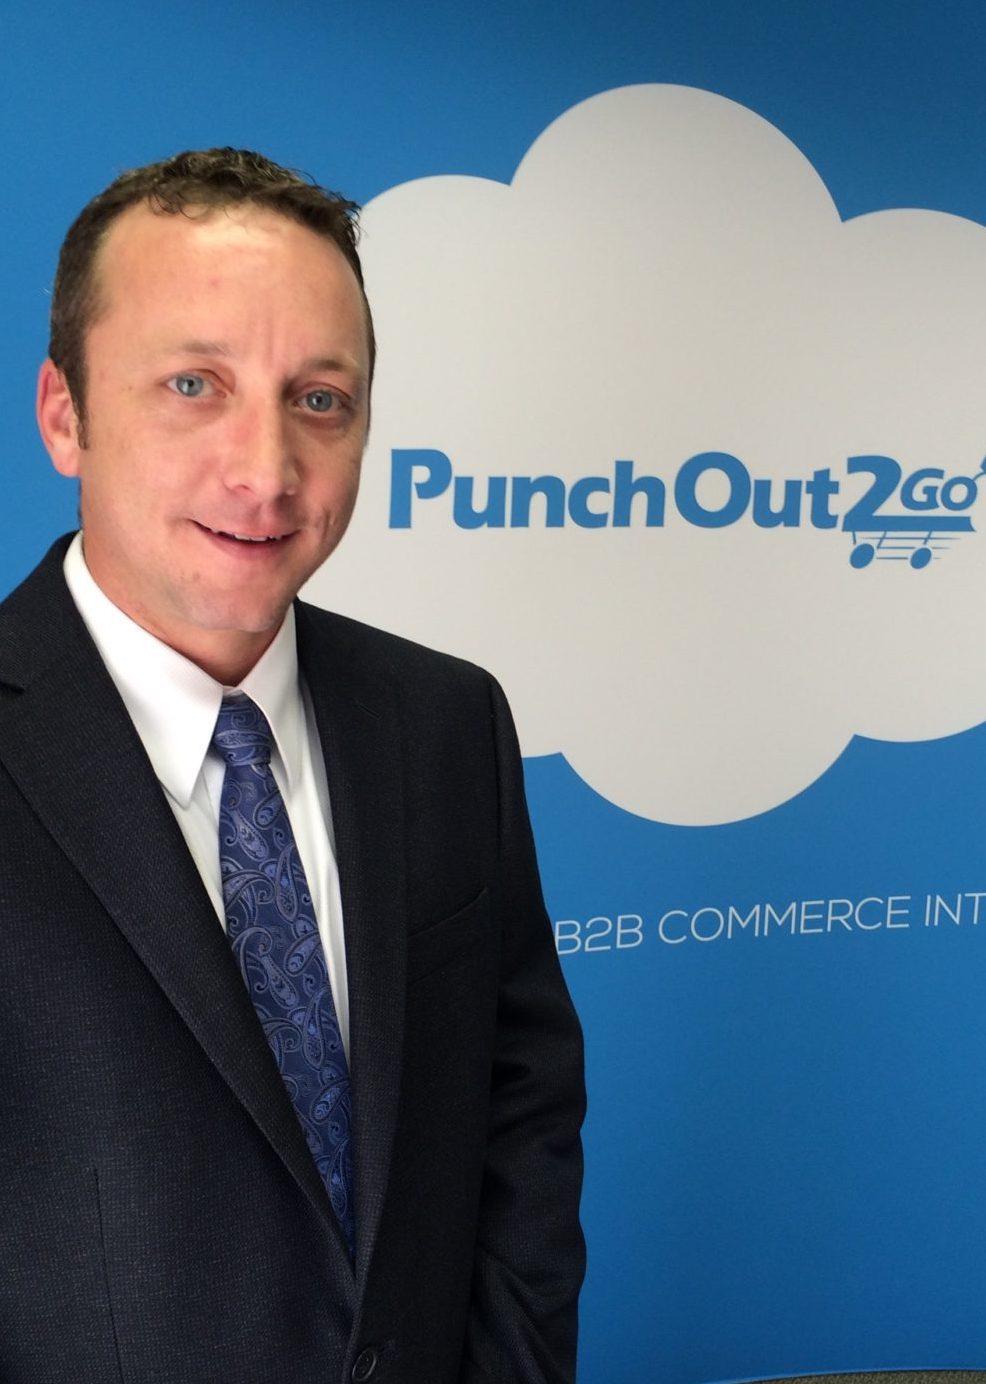 PunchOut2Go CEO crop2